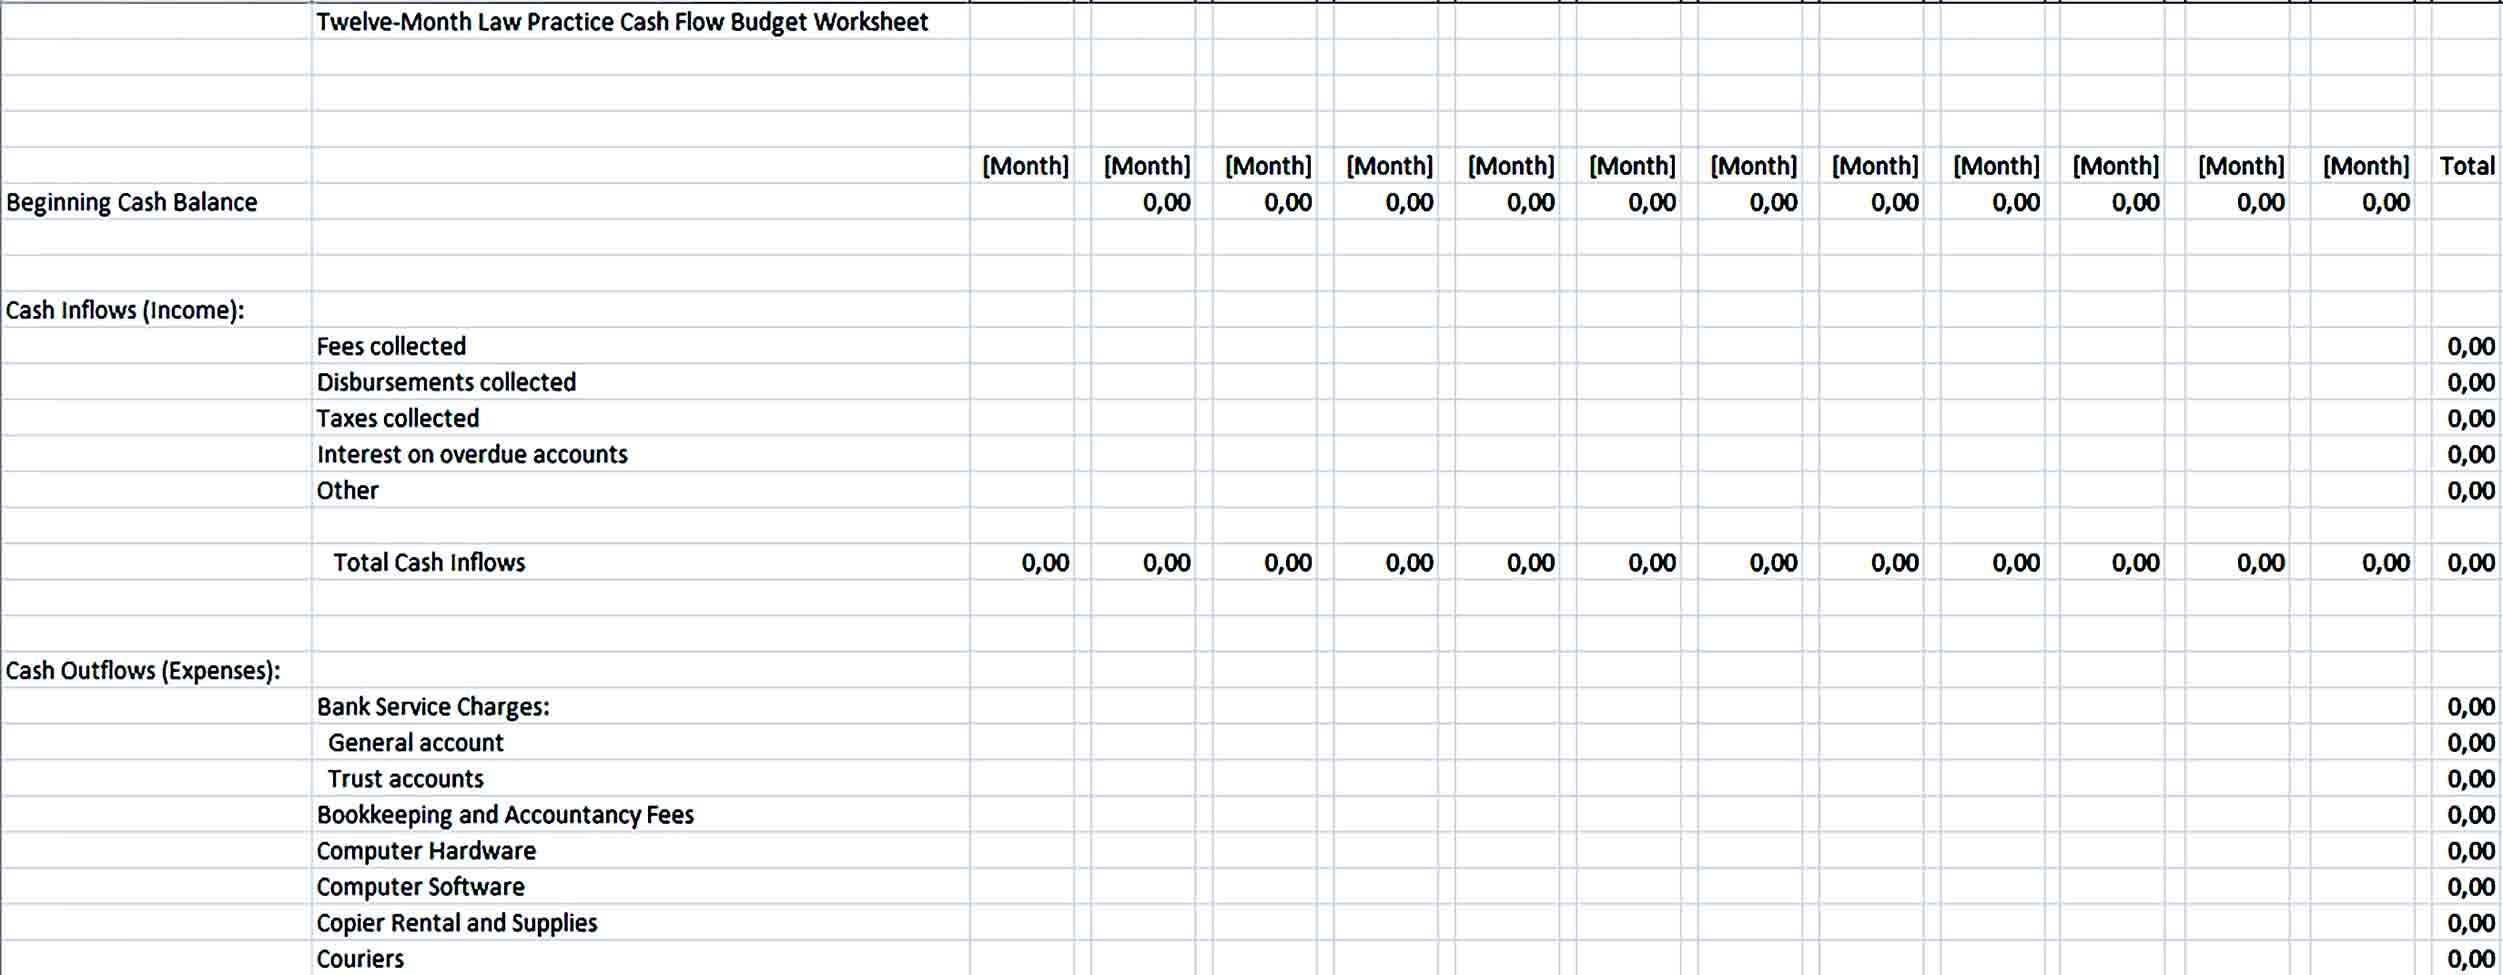 Sample Month Law Practice Cash Flow Budget Worksheet